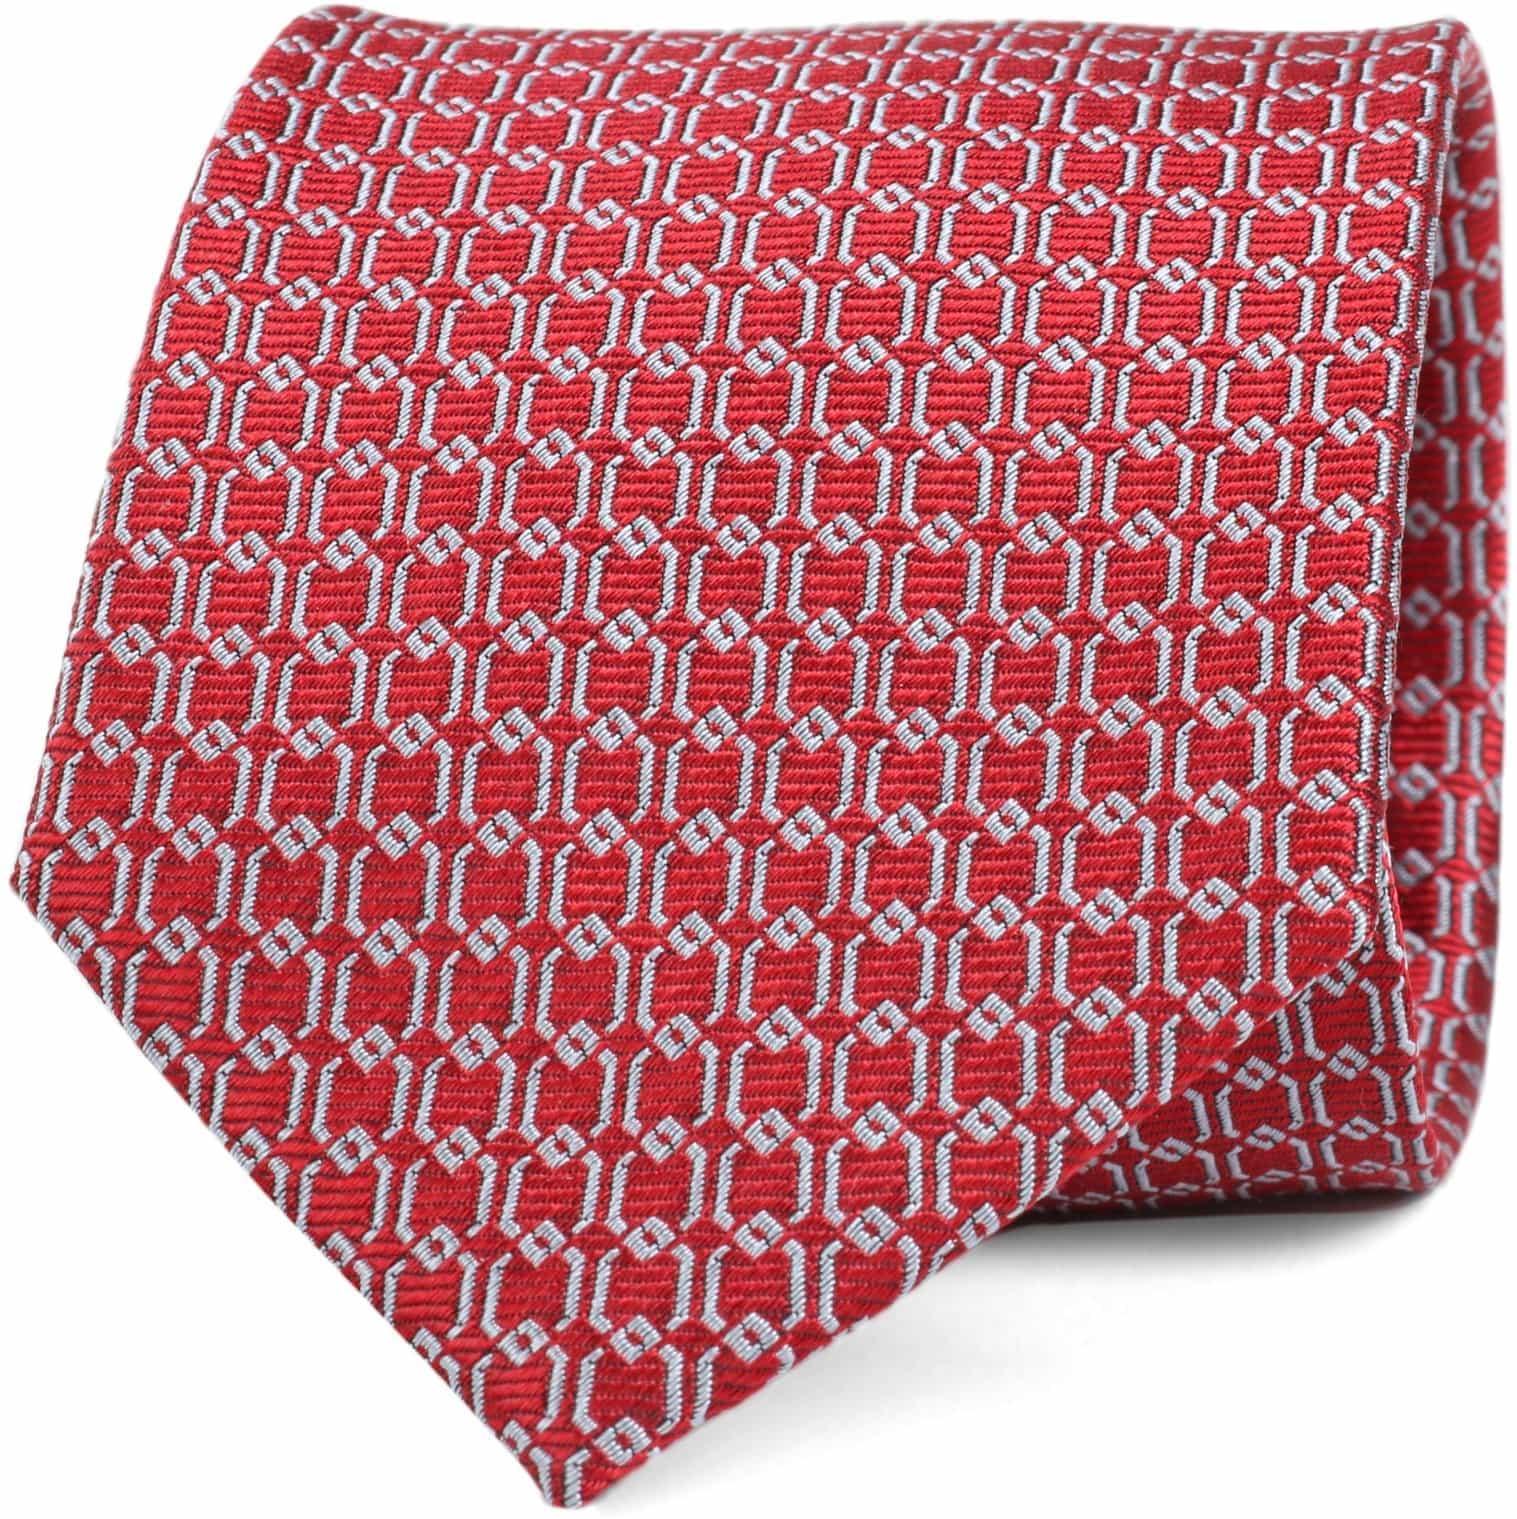 Krawatte Seide Dessin Rot Gitter foto 0